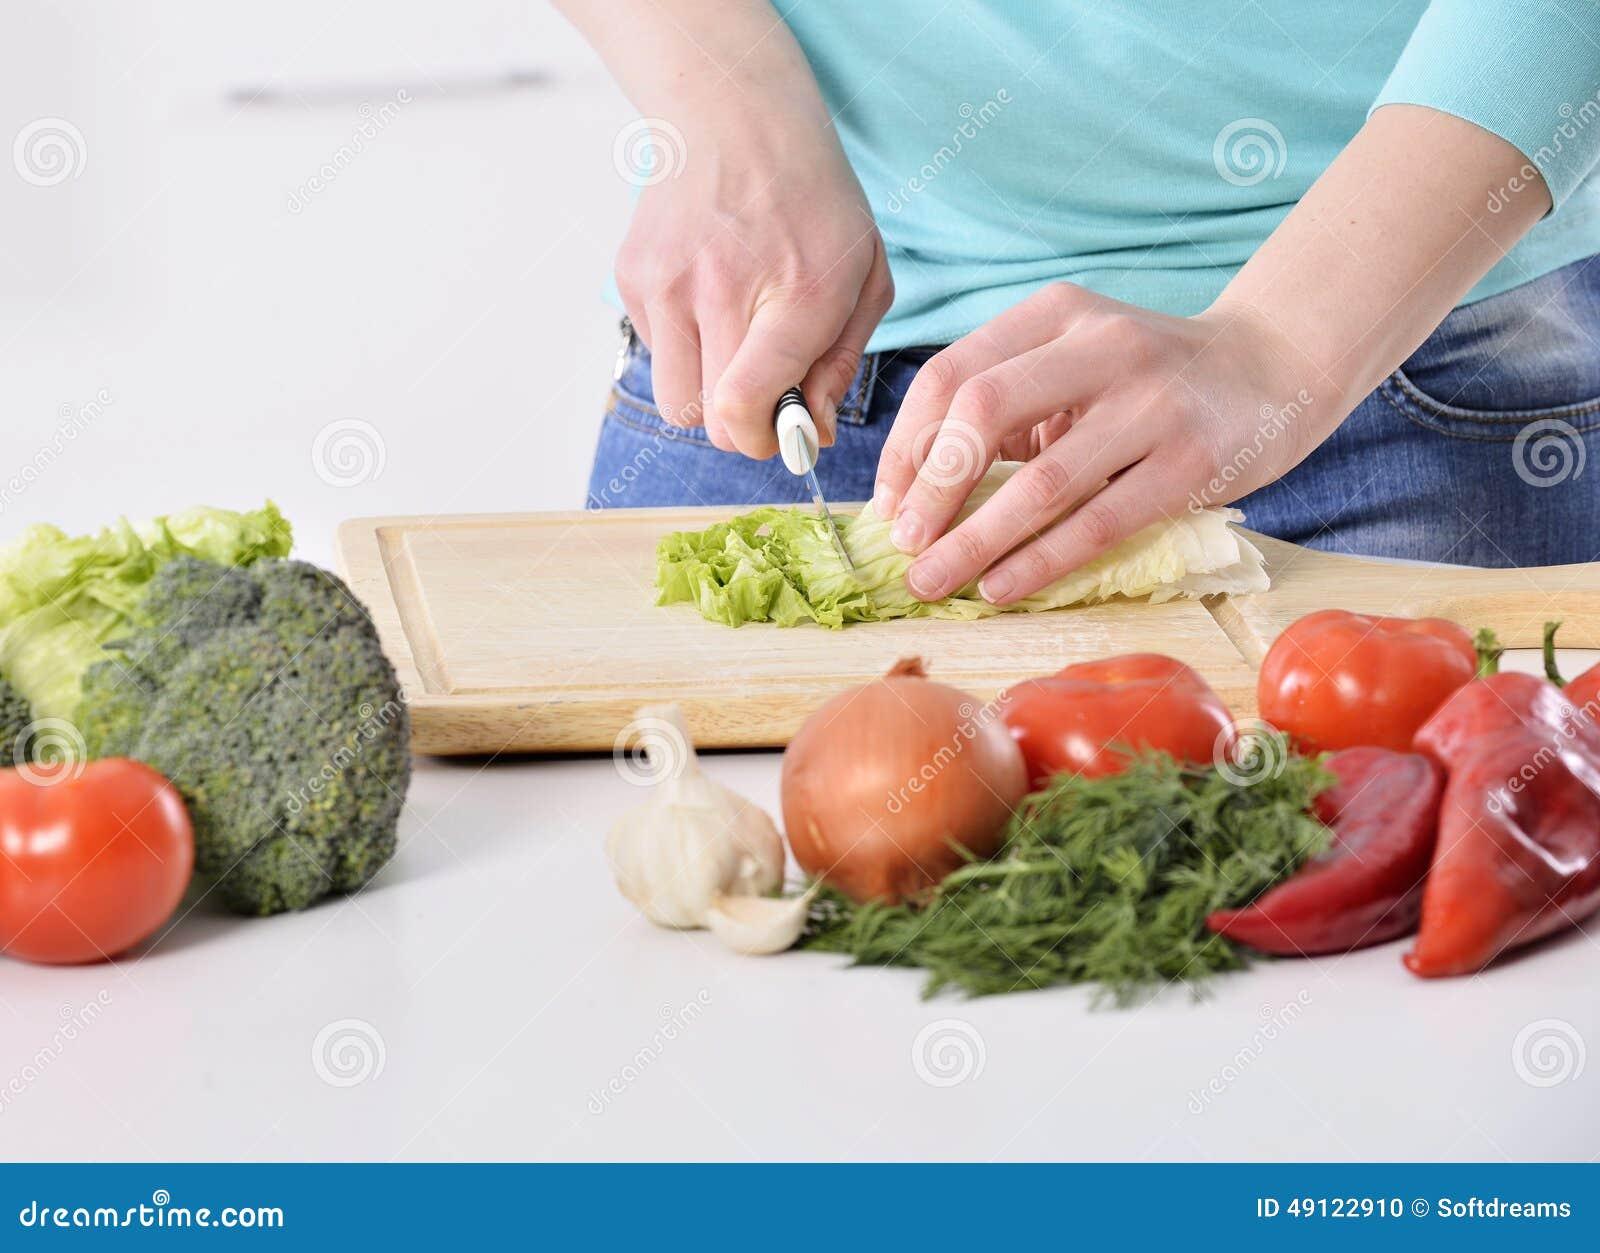 Kobiety kucharstwo w nowej kuchni robi zdrowemu jedzeniu z warzywami